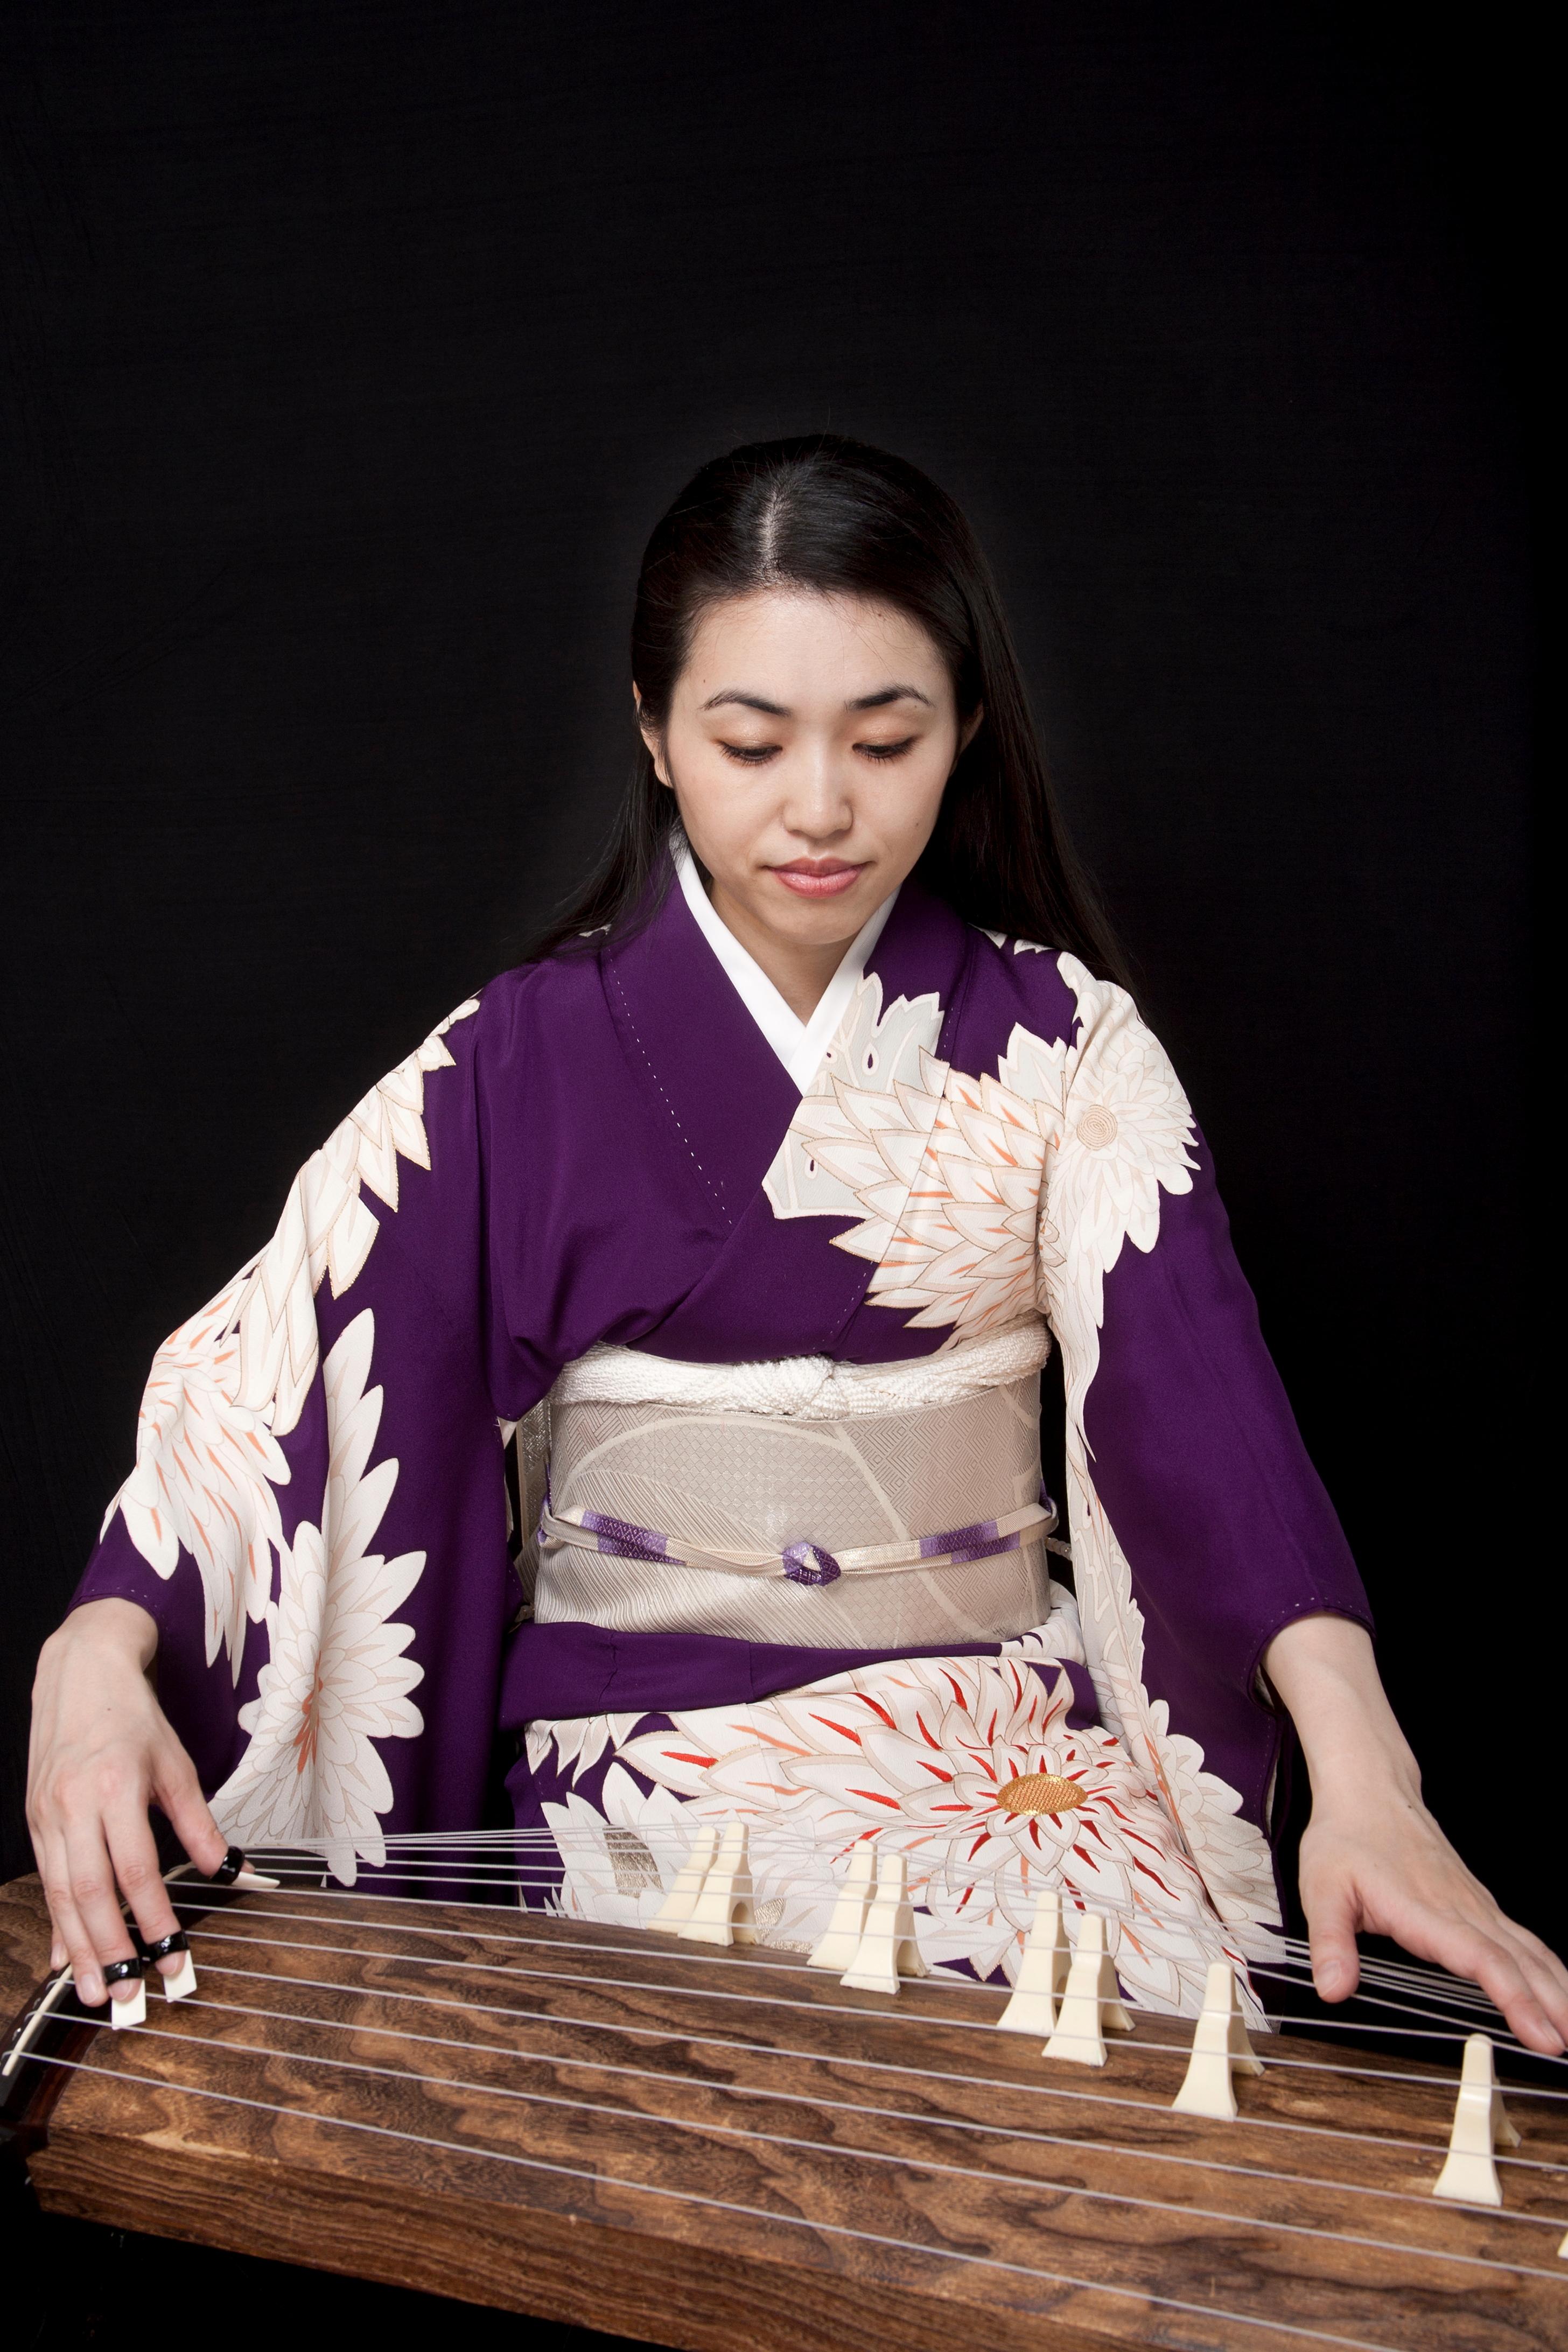 Yuki Yasuda